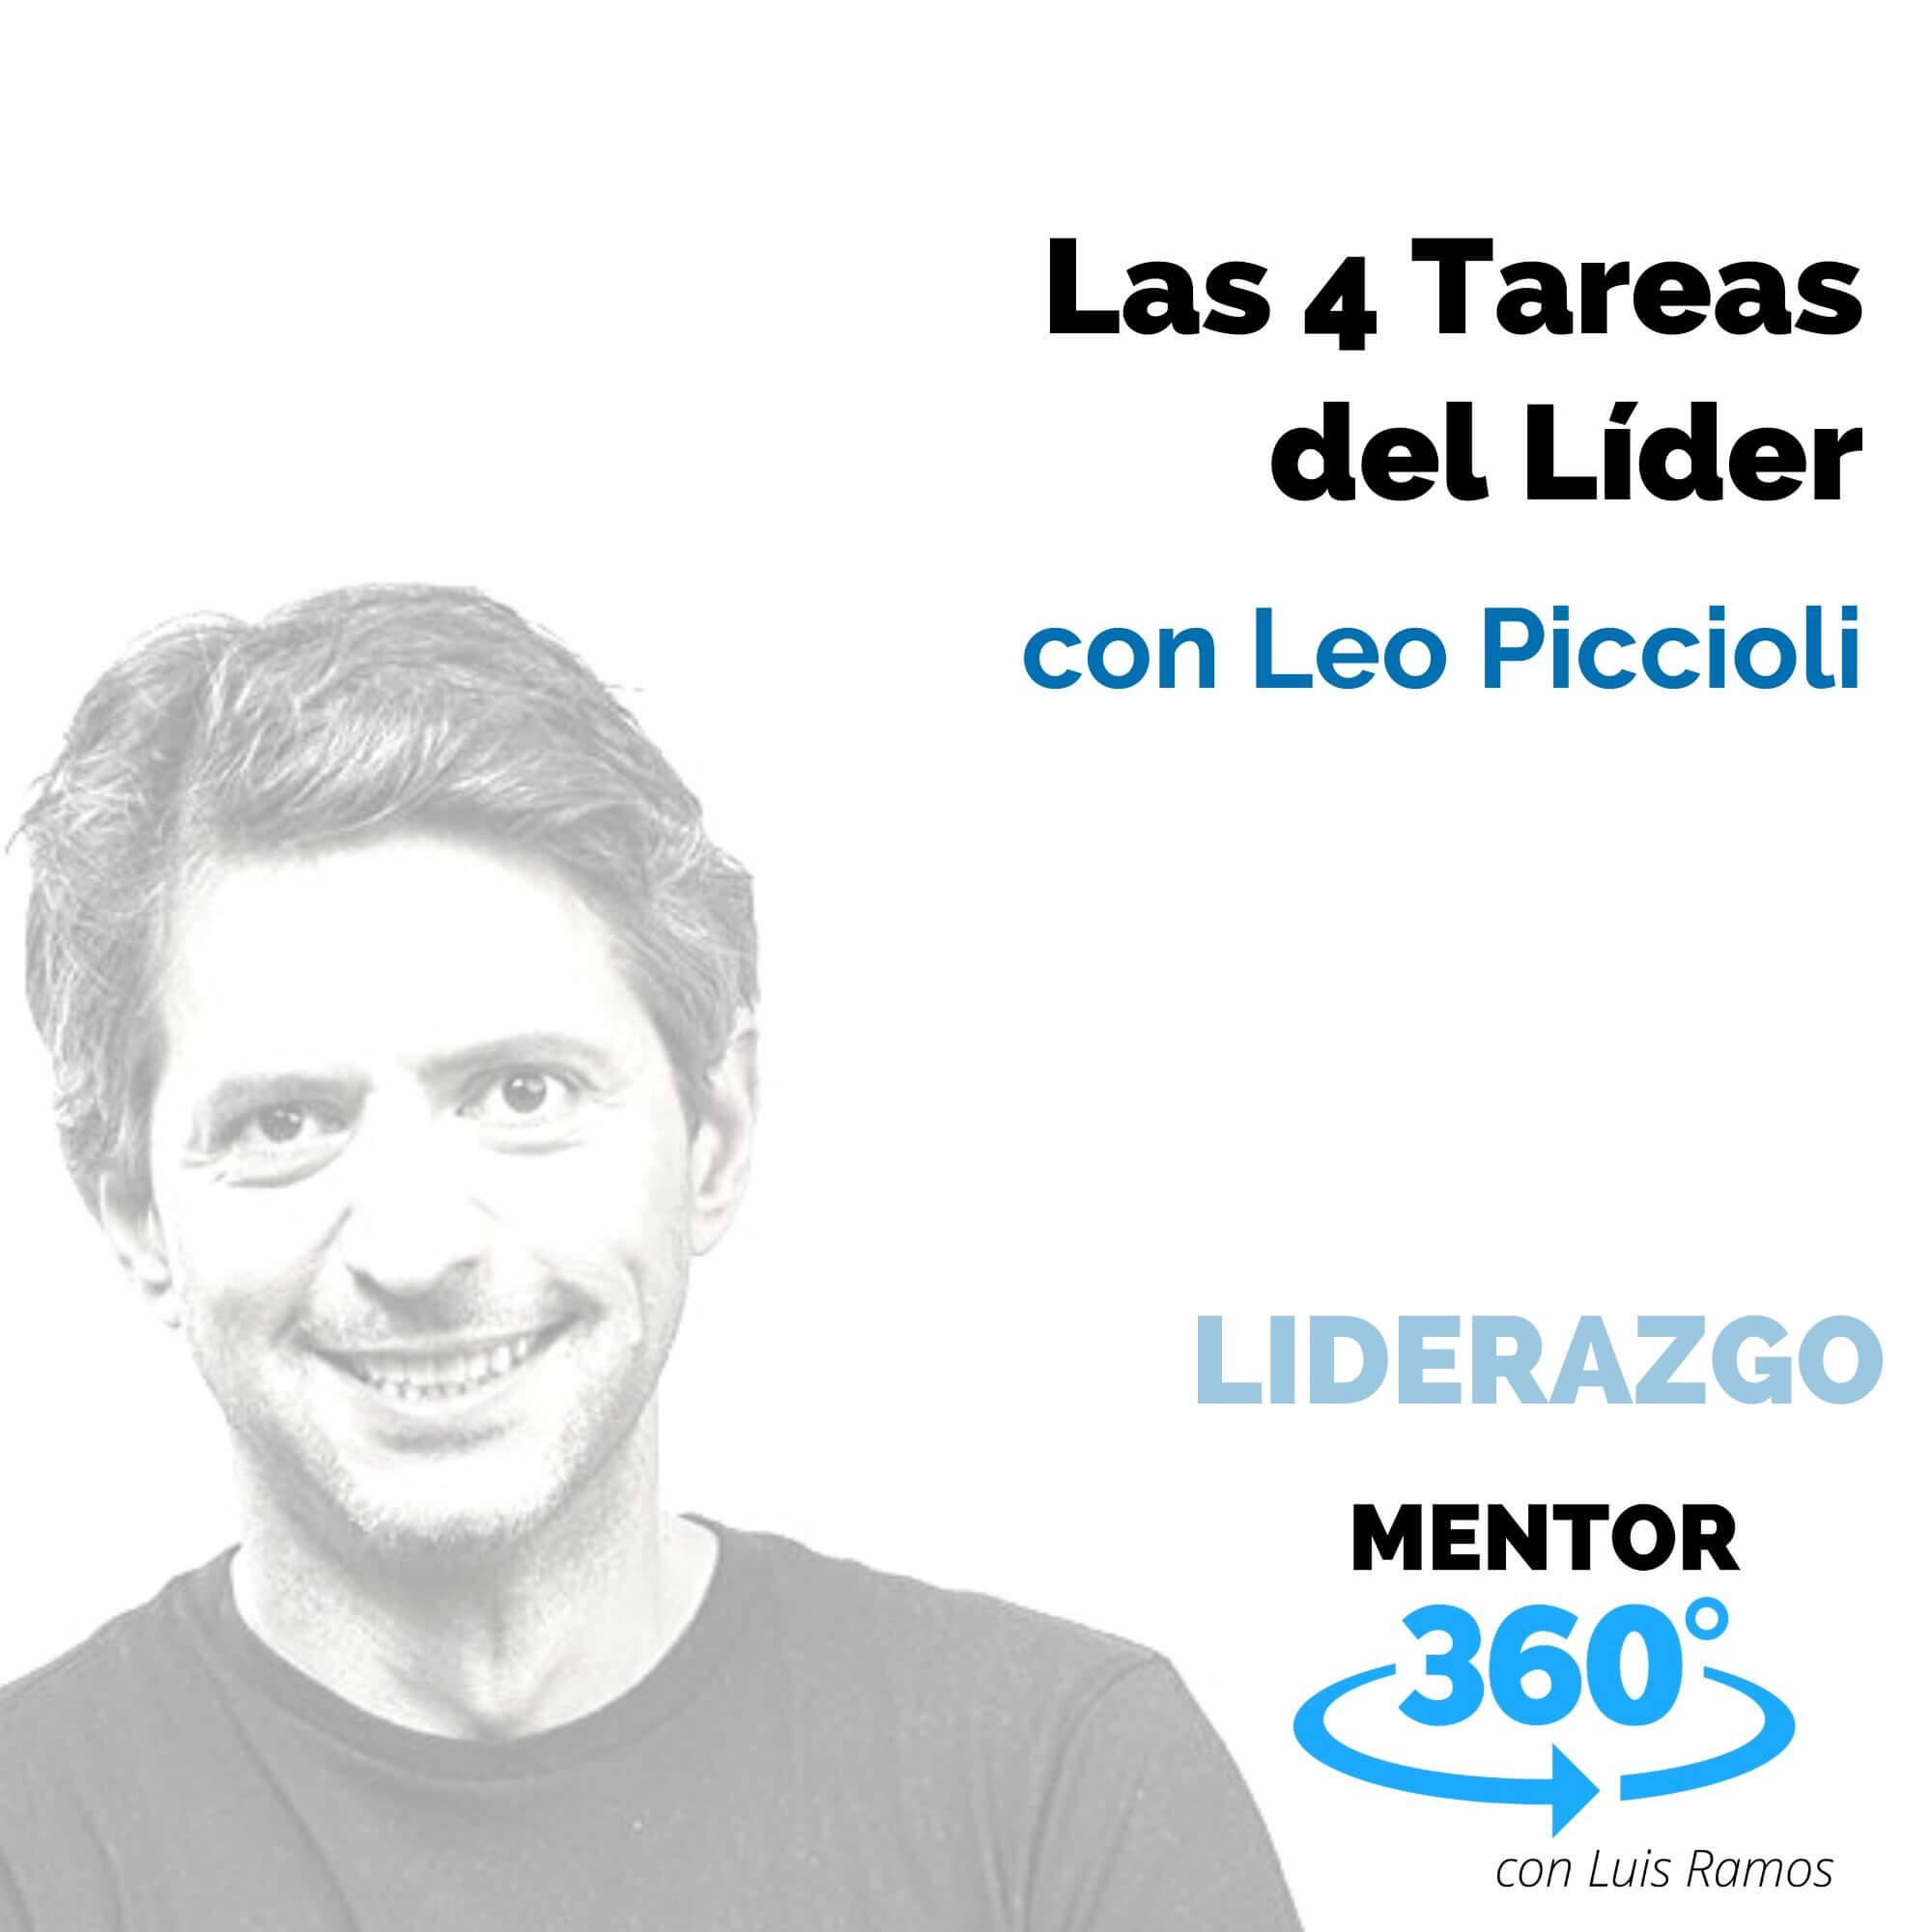 Las 4 Tareas del Líder, con Leo Piccioli - LIDERAZGO